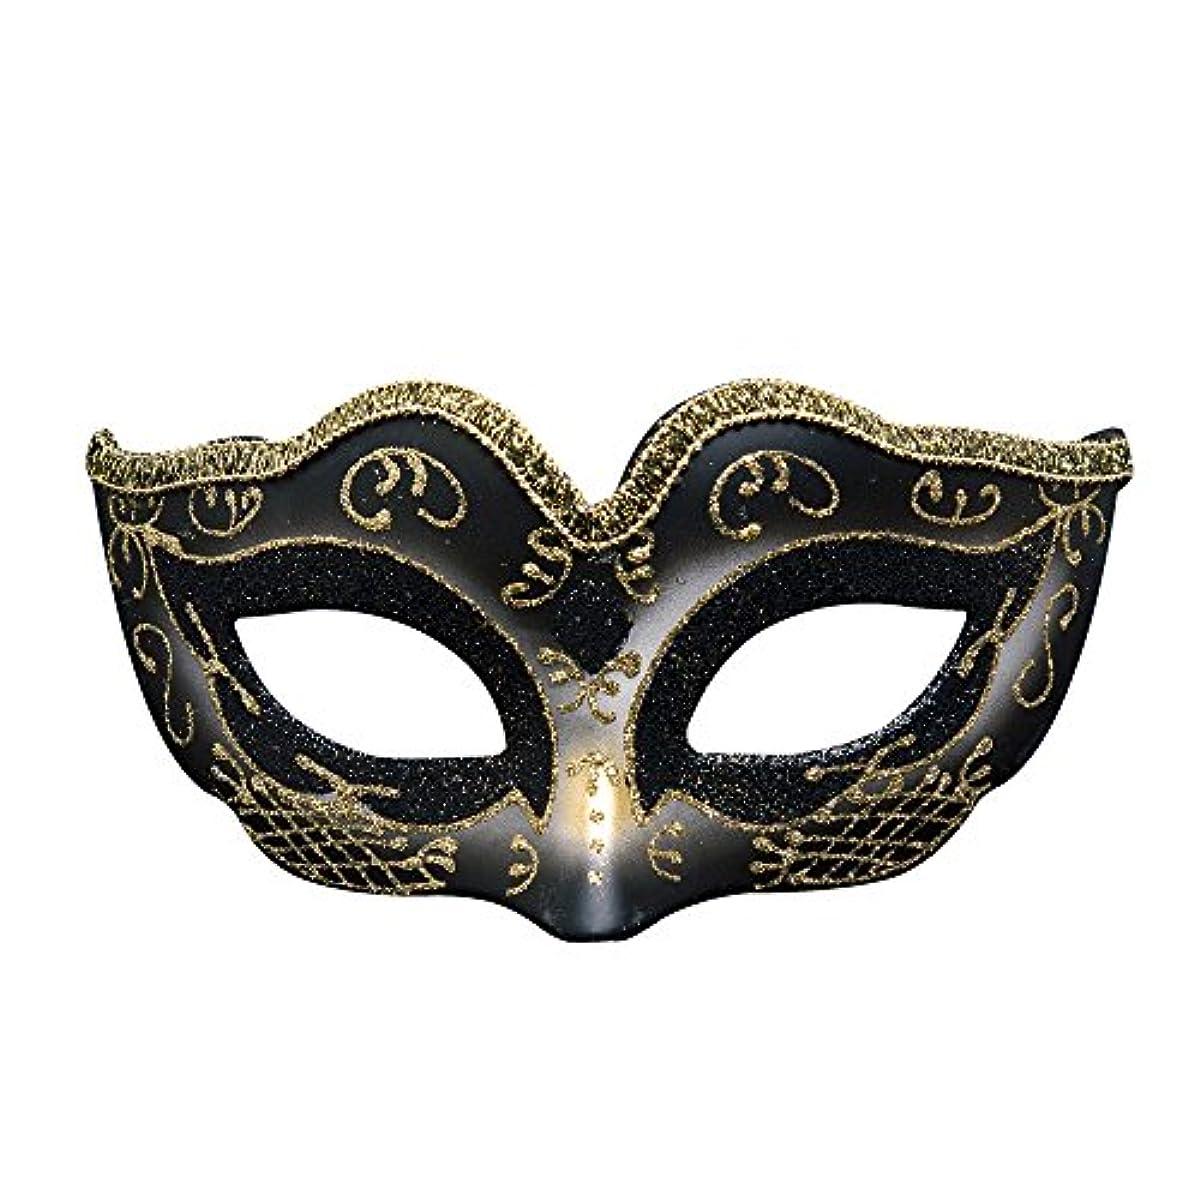 通常小売スクラップブッククリエイティブカスタム子供のなりすましパーティーハロウィーンマスククリスマス雰囲気マスク (Color : G)